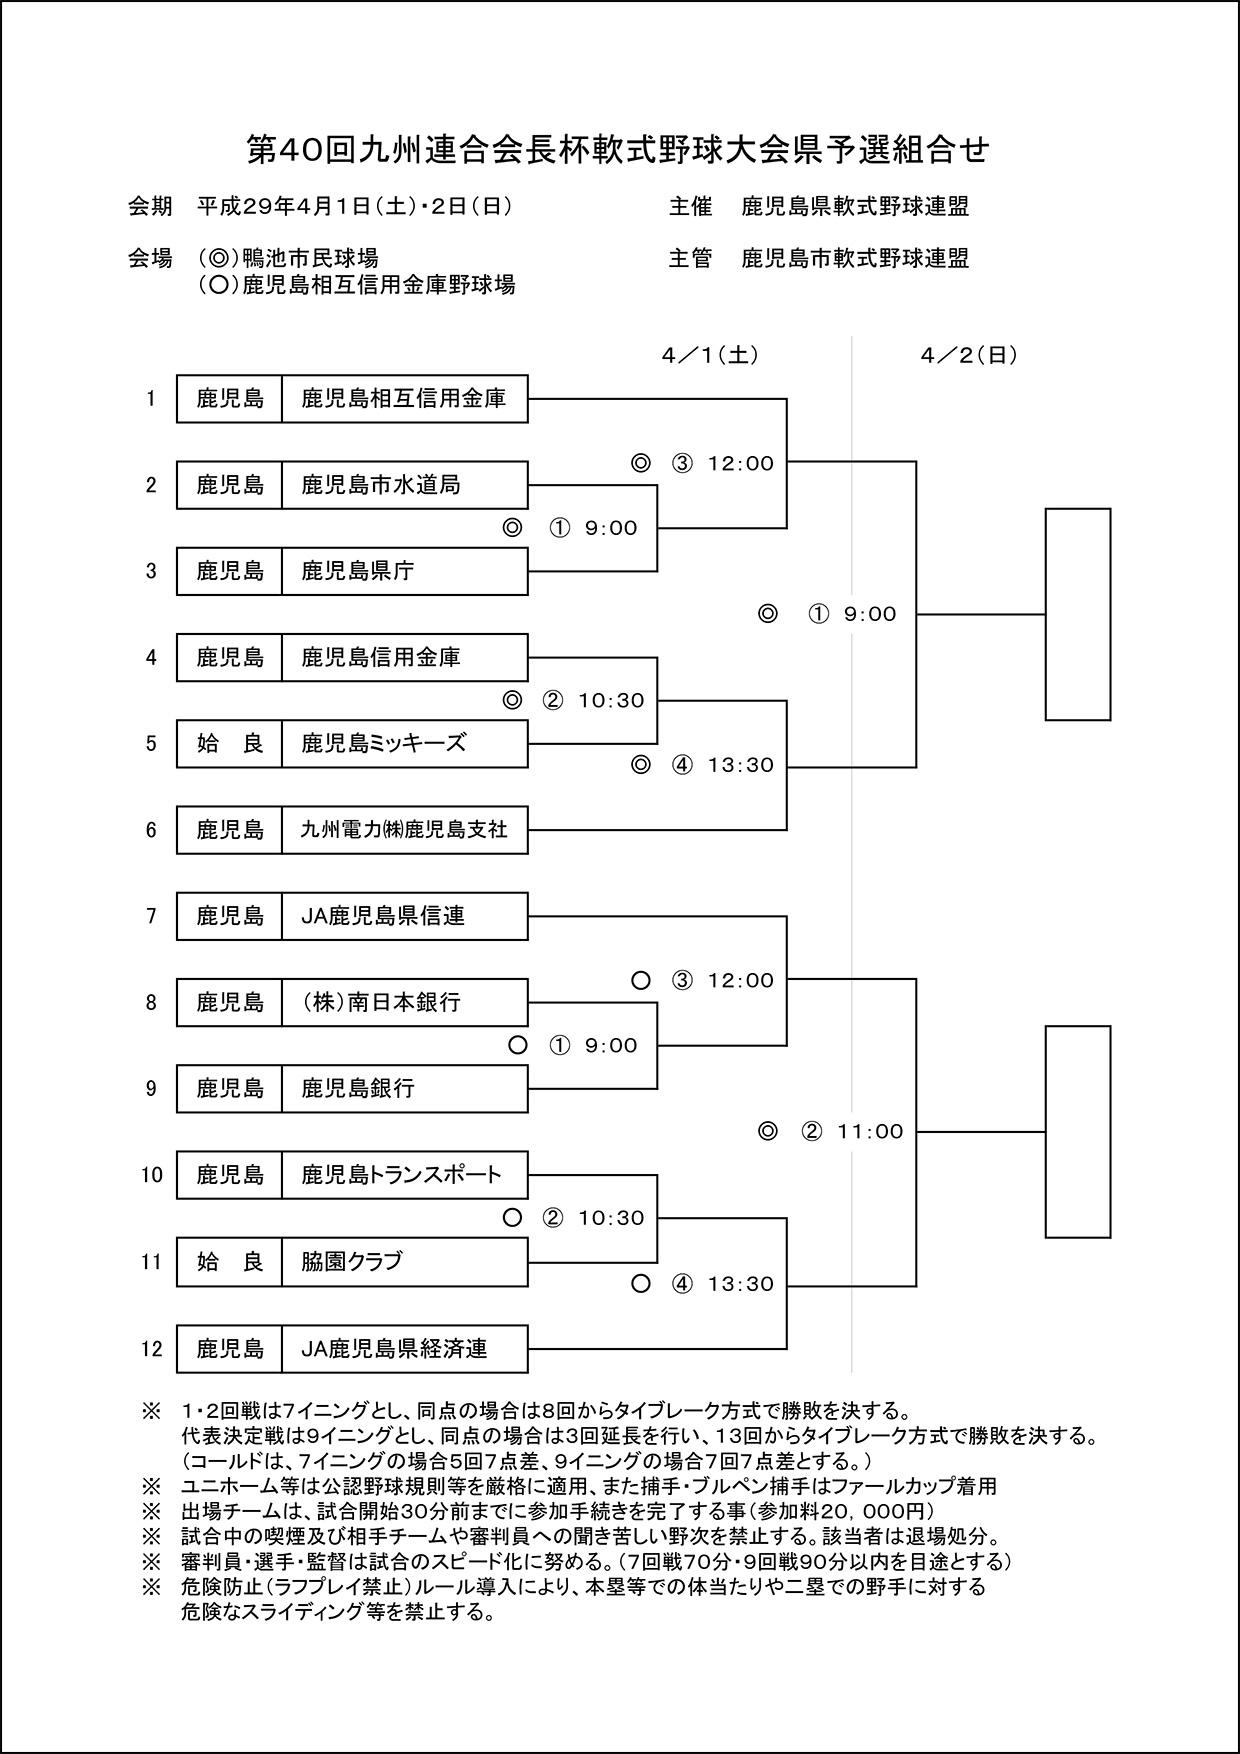 ▽第40回九州連合会長杯軟式野球大会県予選組合せ